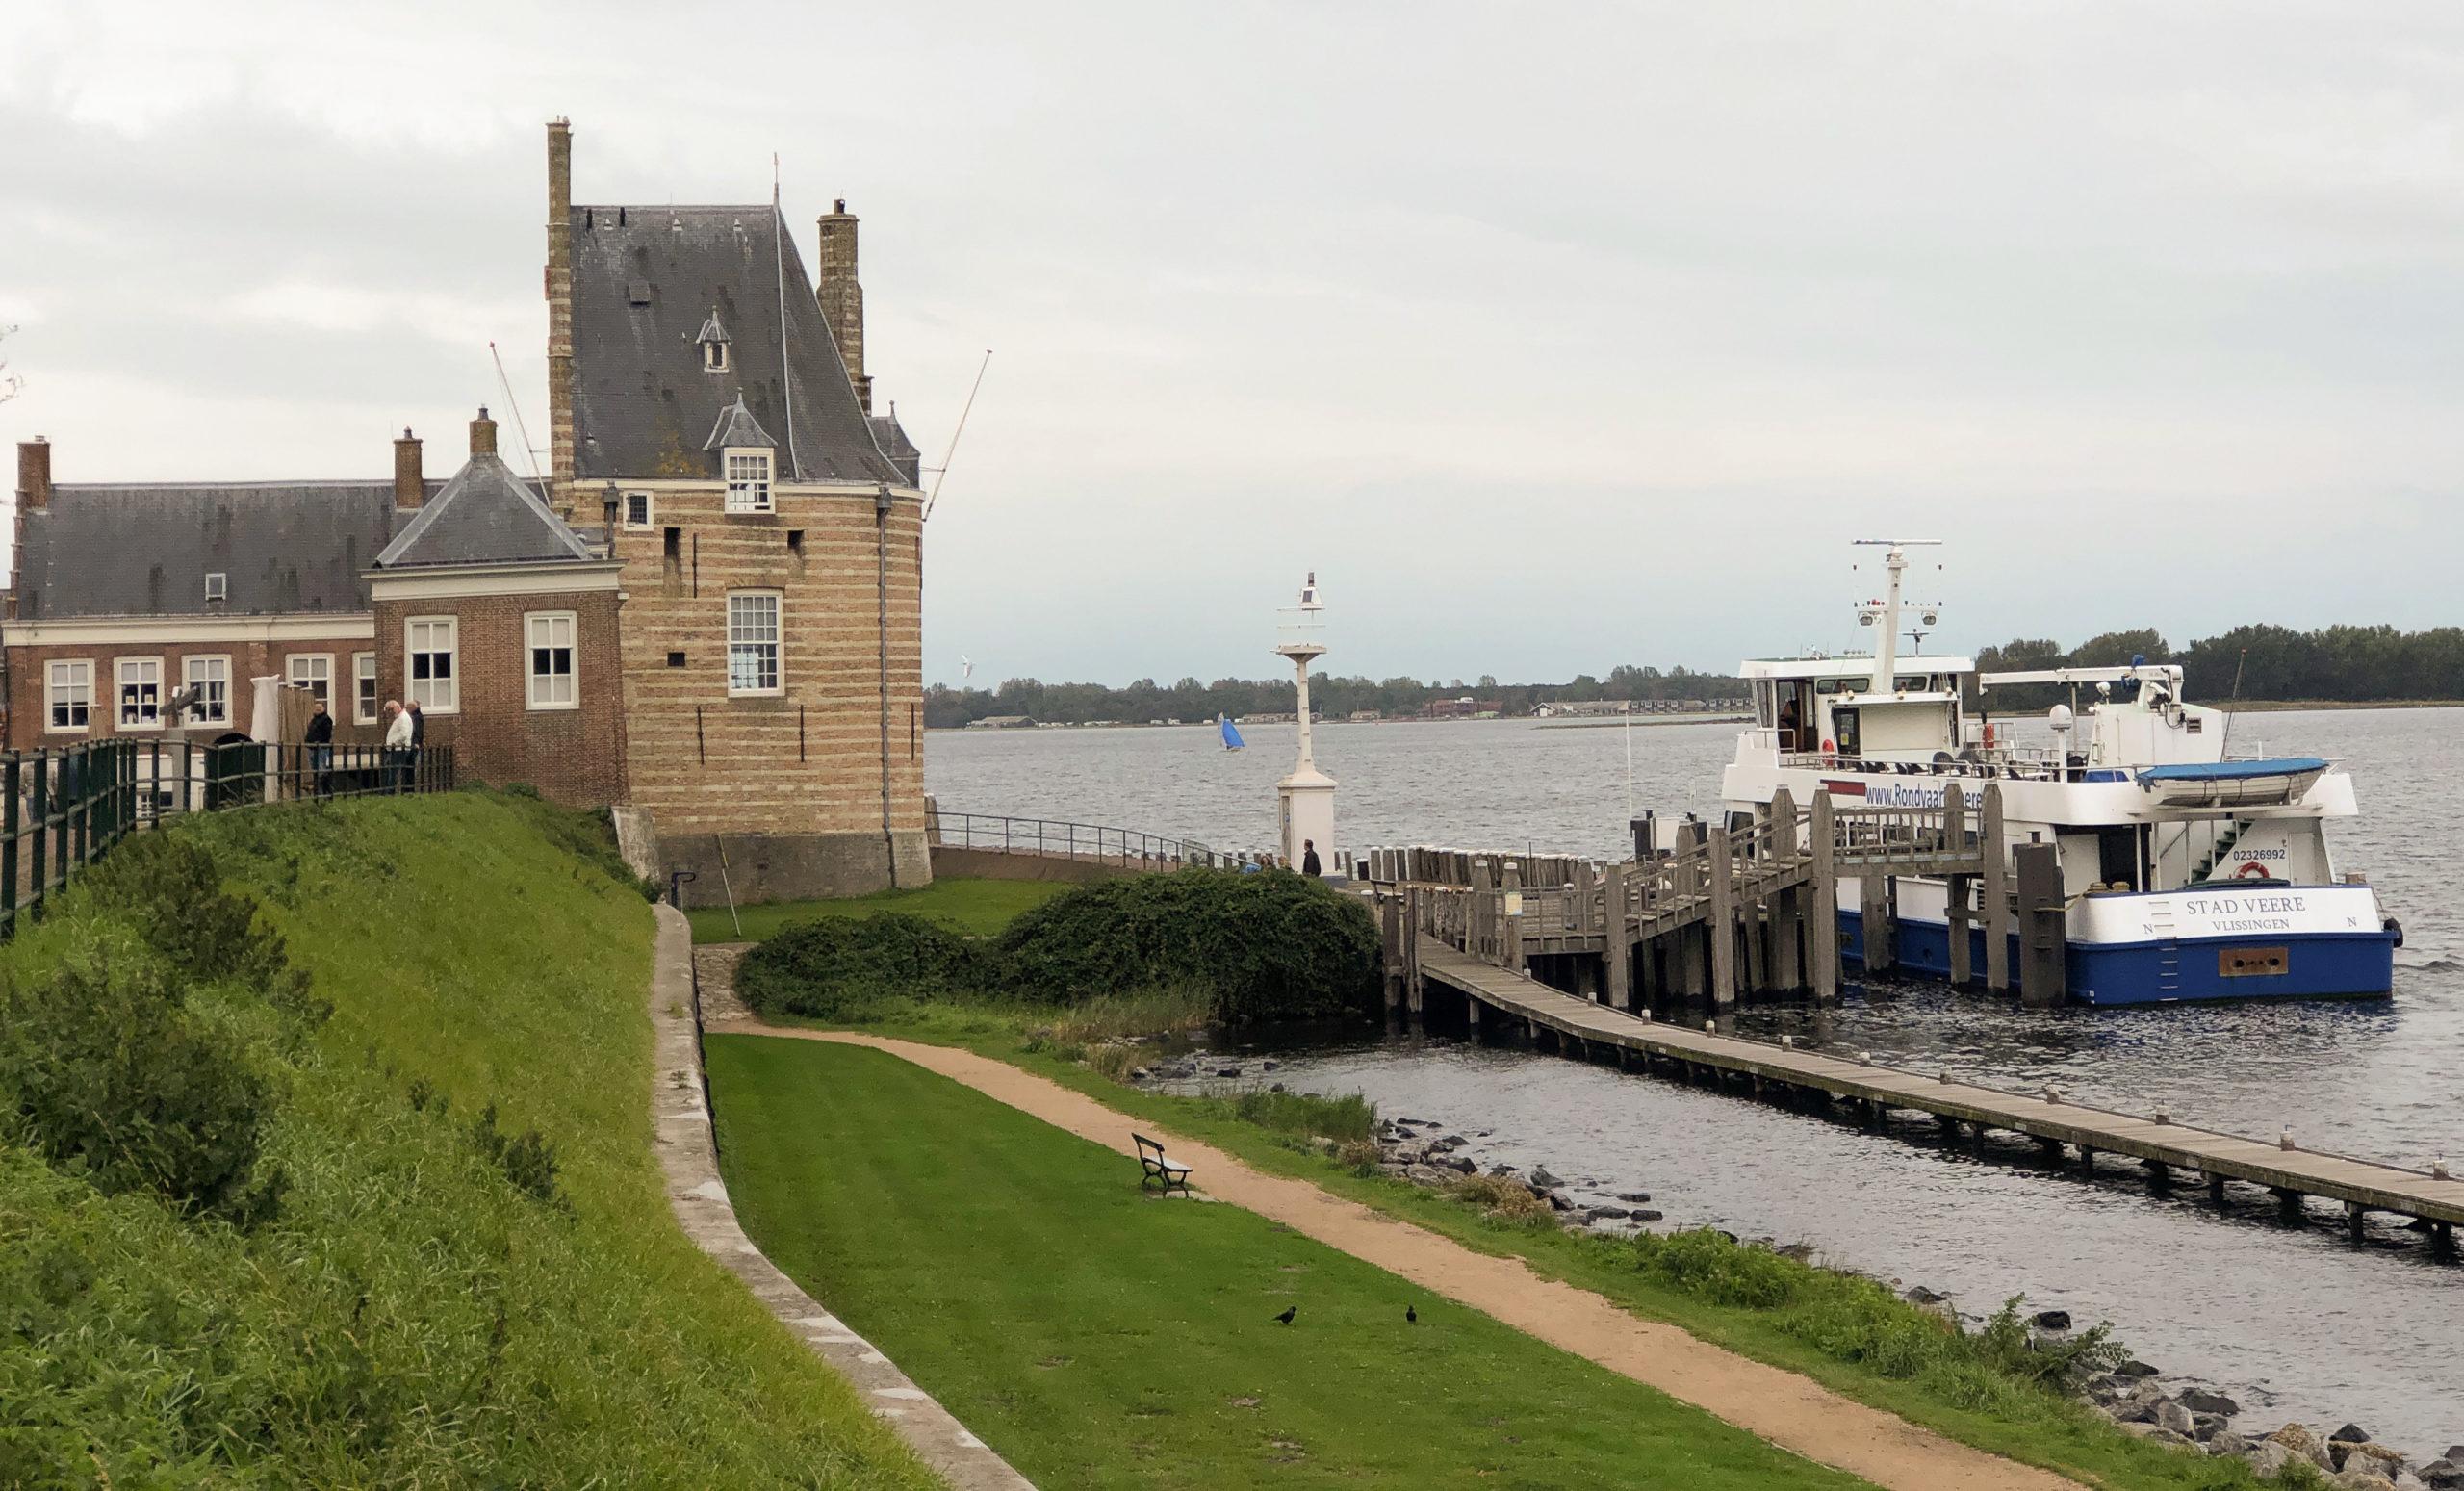 Blick auf das Hotel Campveerse Toren mit Ausflugsboot